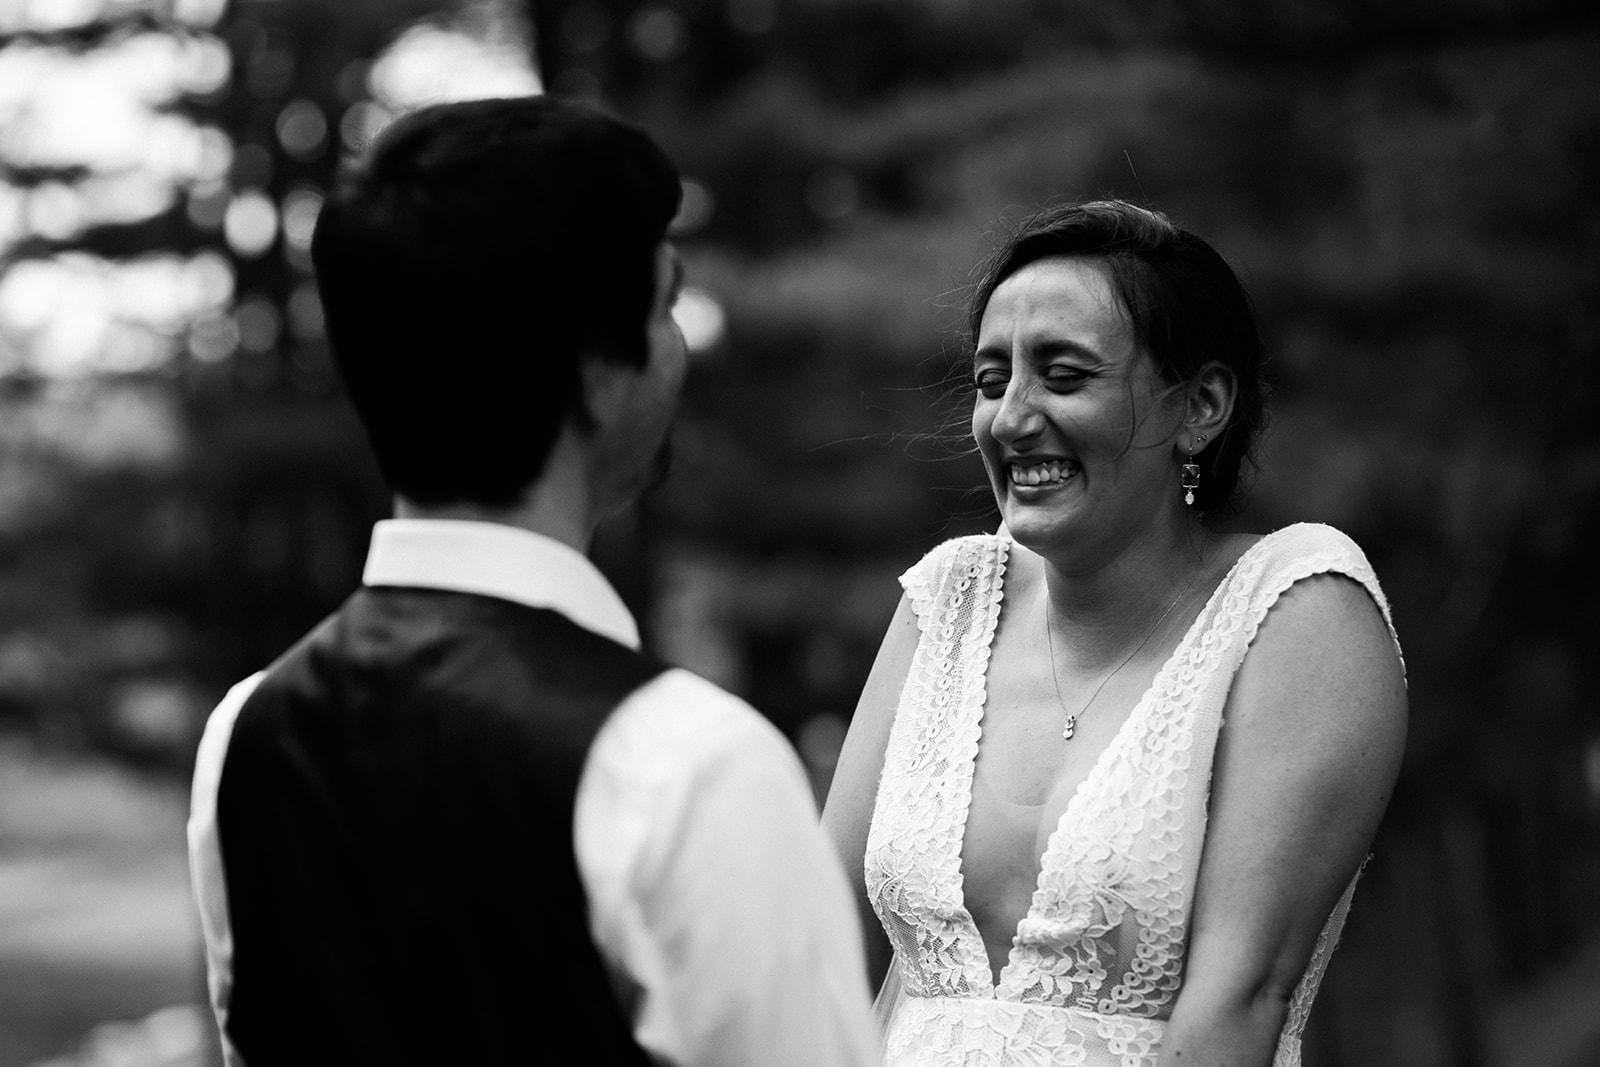 2019-06-01-00-Lindsey+Mat-04_Couples_Portraits-meandhimphoto-0074-K5D45215.jpg